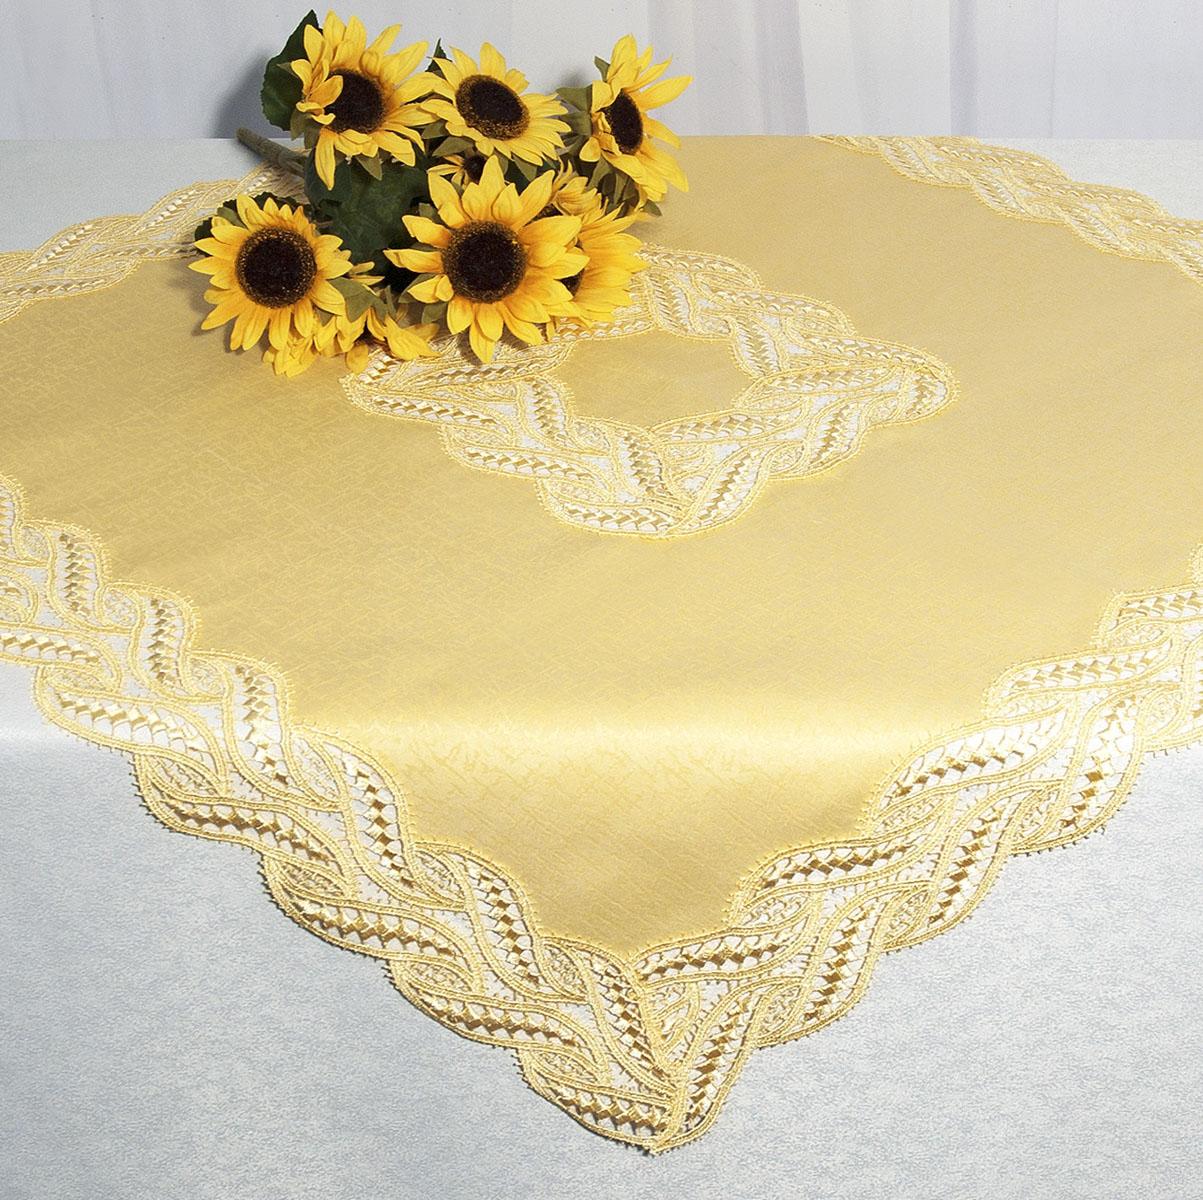 Скатерть Schaefer, квадратная, цвет: золотисто-желтый, 85x 85 см. 30213021Квадратная скатерть Schaefer среднего размера, выполненная из полиэстера золотисто-желтого цвета, оформлена вышитым по краю и в центре кружевом, в тон скатерти, в технике - макраме. Изделия из полиэстера легко стирать: они не мнутся, не садятся и быстро сохнут, они более долговечны, чем изделия из натуральных волокон.Вы можете использовать эту скатерть самостоятельно, либо сверху основной, однотонной, большой скатерти. В любом случае она добавит в ваш дом стиля, изысканности и неповторимости. Характеристики:Материал: 100% полиэстер. Цвет: золотисто-желтый. Размер скатерти:85 см х 85 см. Артикул:3021. Немецкая компания Schaefer создана в 1921 году. На протяжении всего времени существования она создает уникальные коллекции домашнего текстиля для гостиных, спален, кухонь и ванных комнат. Дизайнерские идеи немецких художников компании Schaefer воплощаются в текстильных изделиях, которые сделают ваш дом красивее и уютнее и не останутся незамеченными вашими гостями. Дарите себе и близким красоту каждый день!